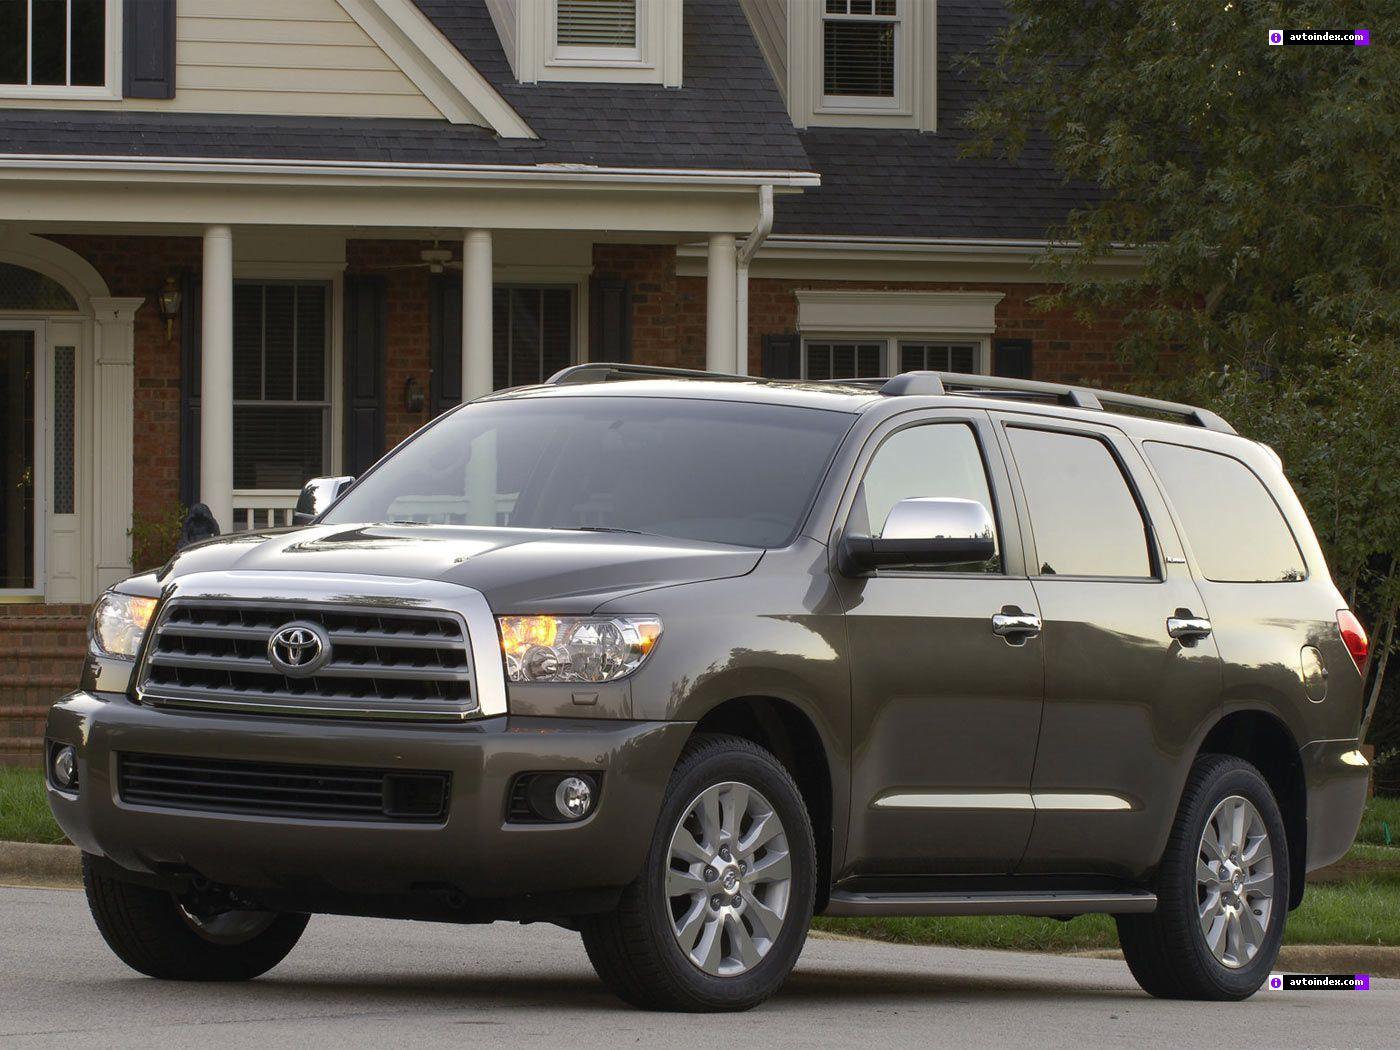 Новая Toyota Sequoia стоит около 90 тыс. долл.